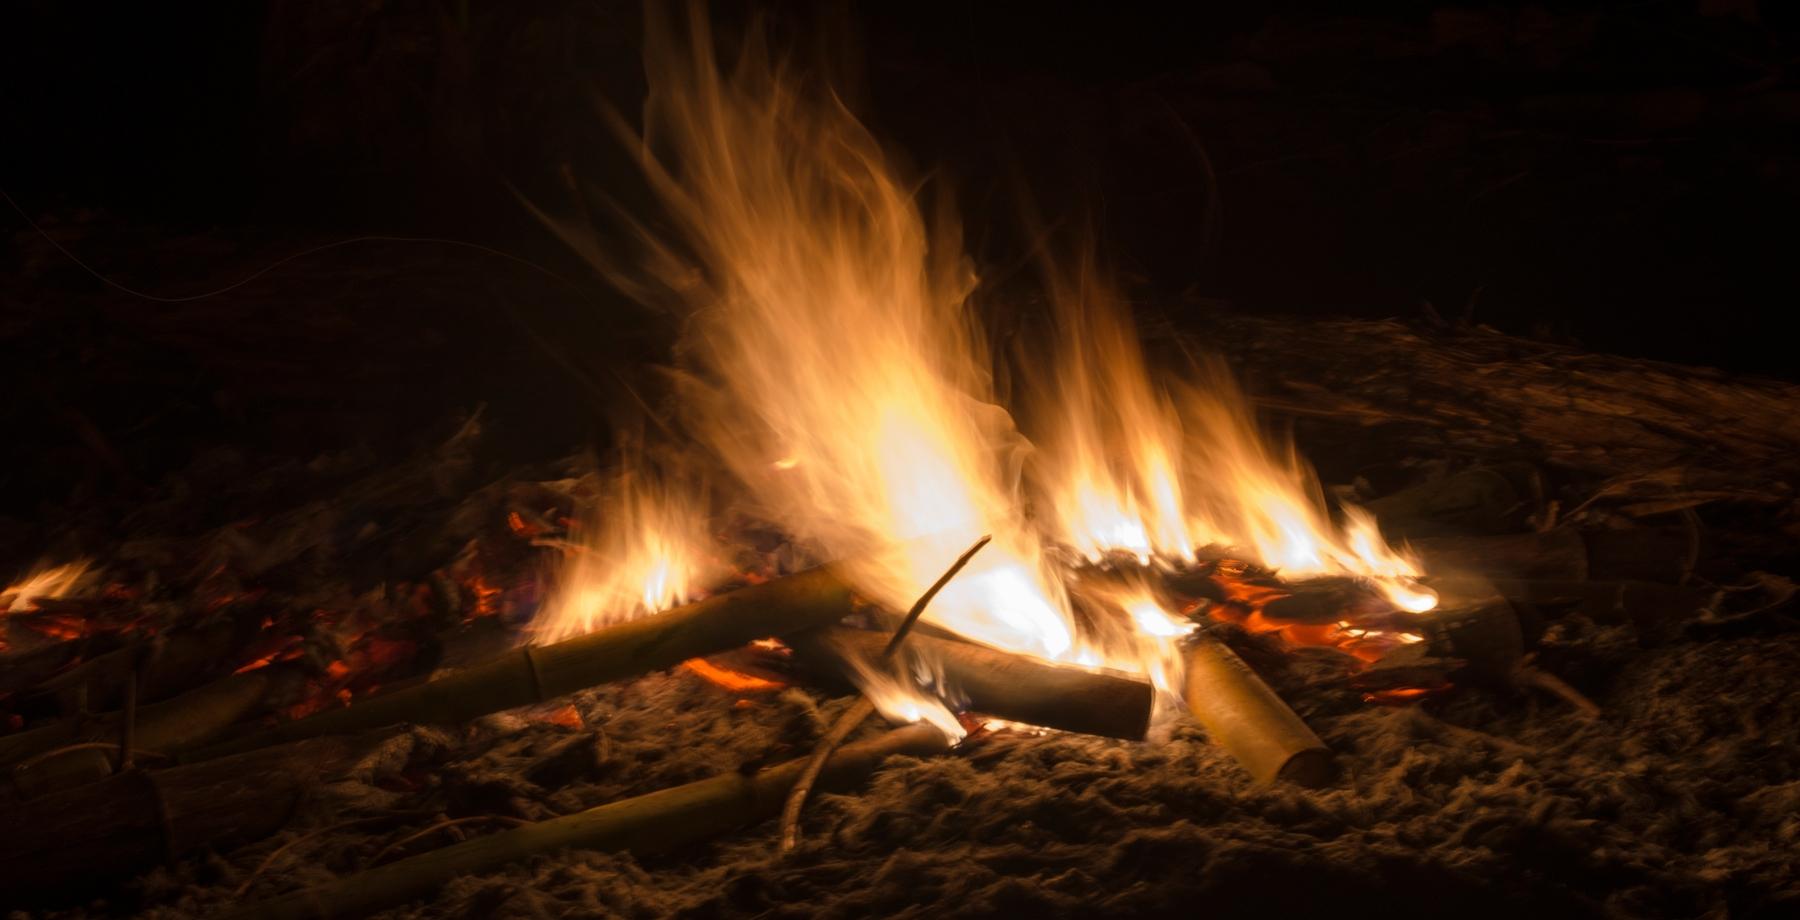 bonfire on the beach in texas